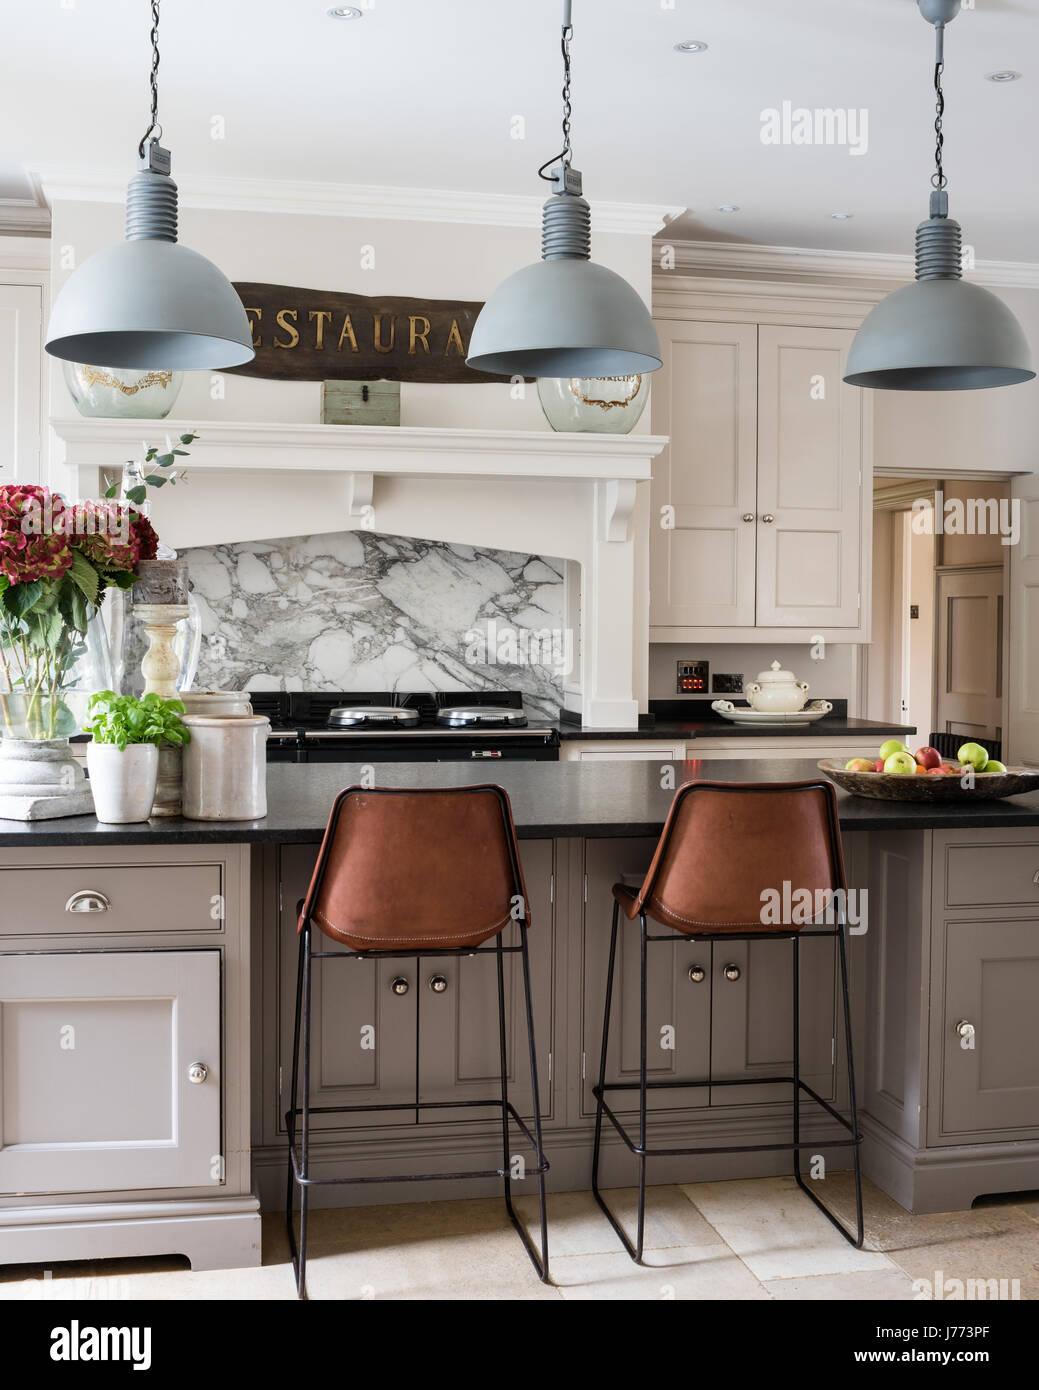 Las lámparas colgantes por Bardoe & Appela bove cocina barra de desayuno. El Sol y Luna taburetes están Imagen De Stock